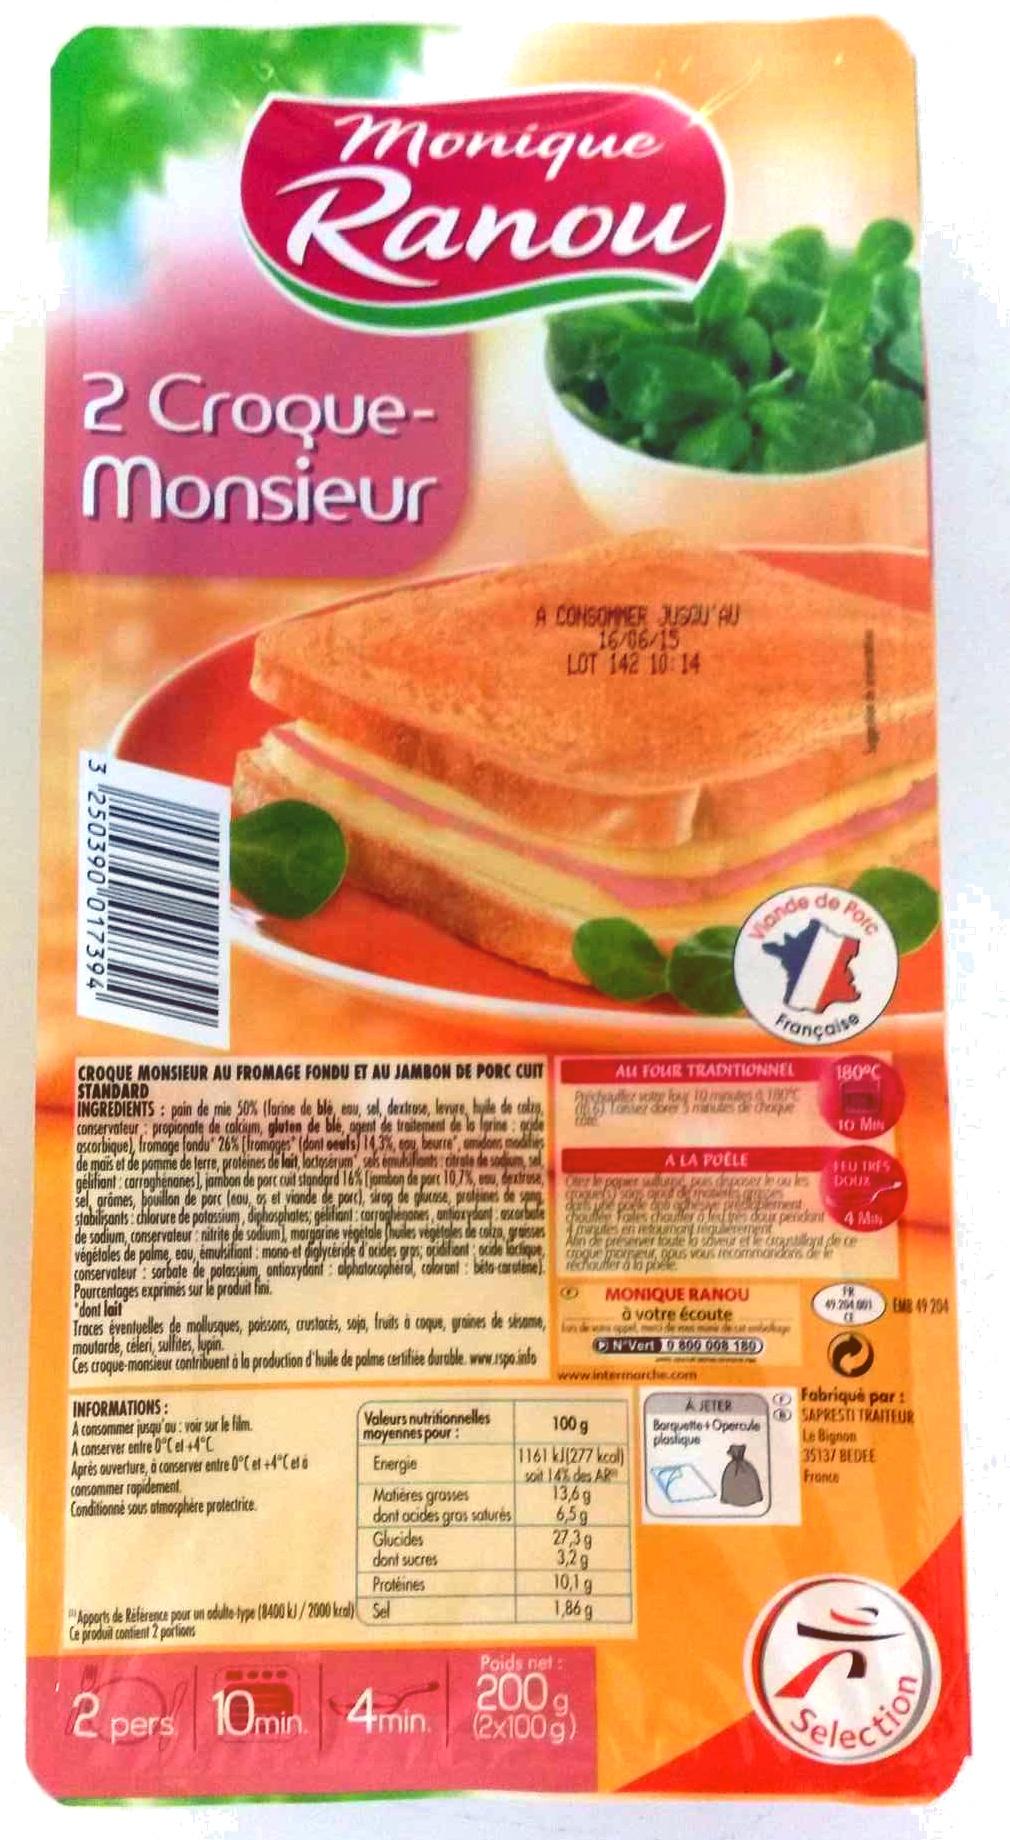 2 croque-monsieur - Produit - fr